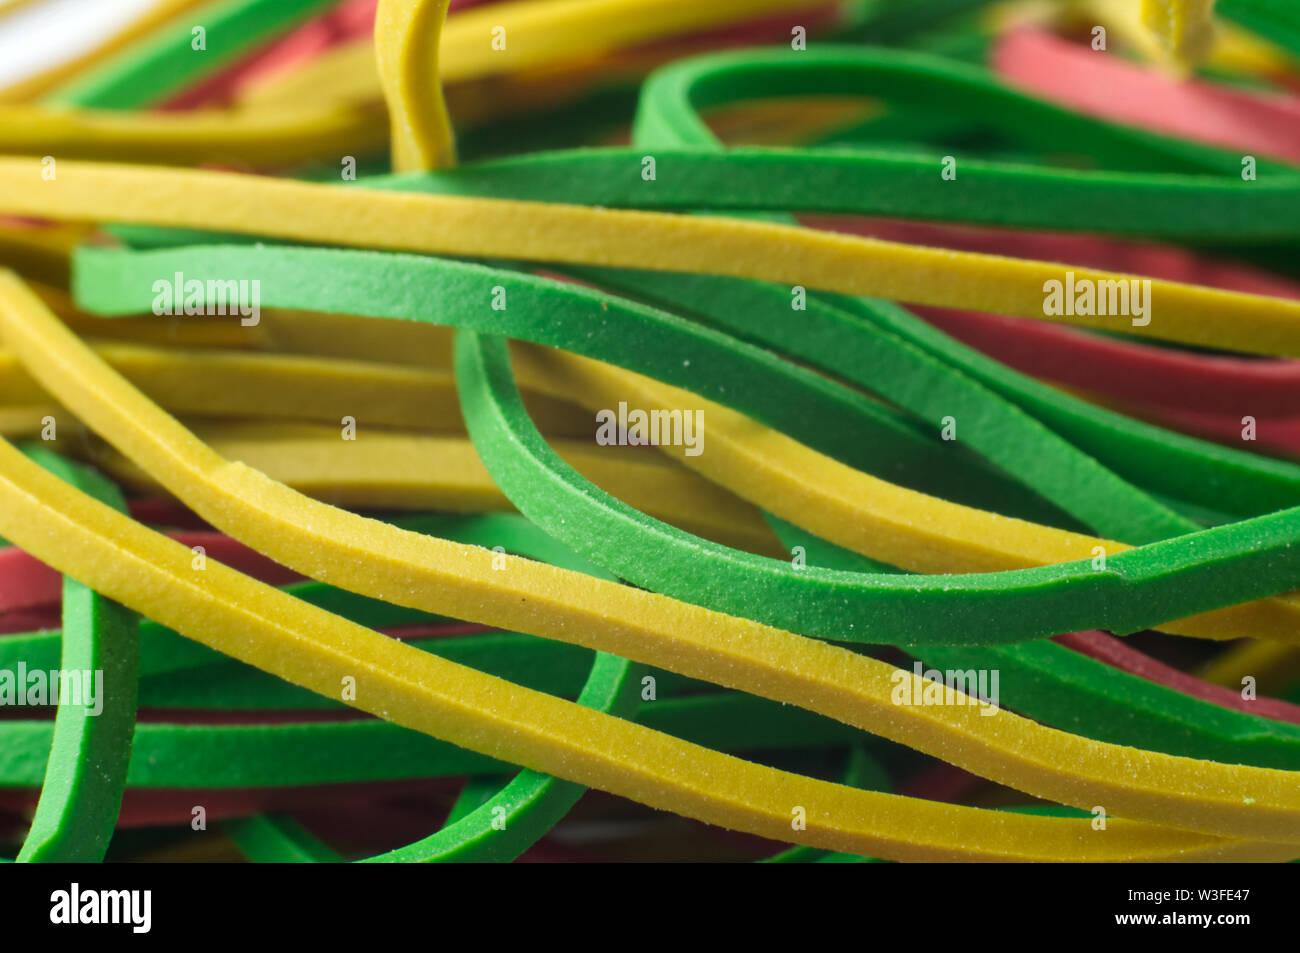 Macrophotography verdes y amarillos, bandas de caucho elástico Foto de stock